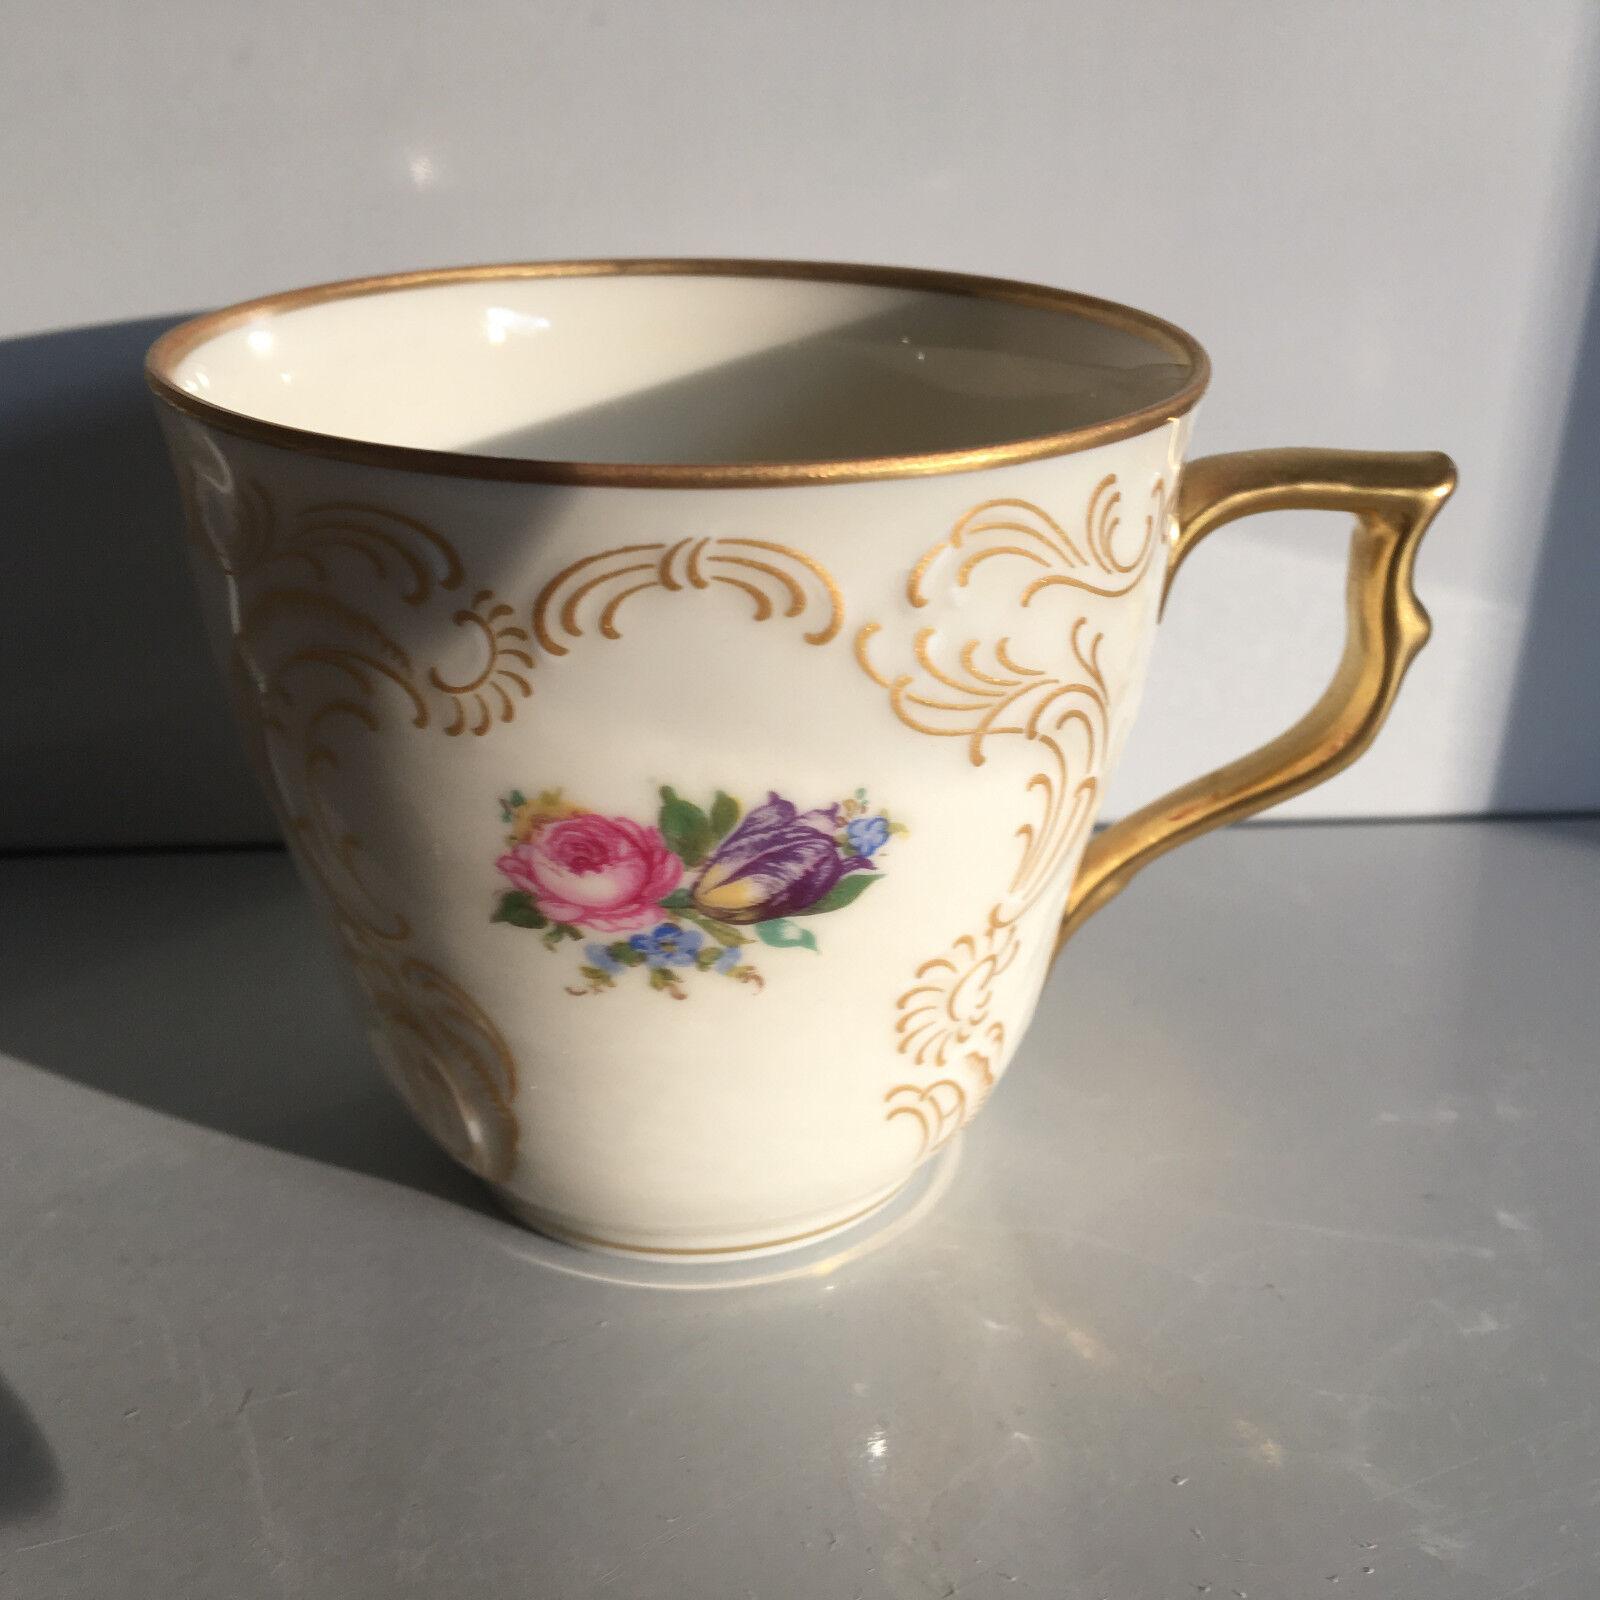 rosanthal SANSSOUCI Diplomat tazza di caffè 0,18l 1. scelta inutilizzato Cup